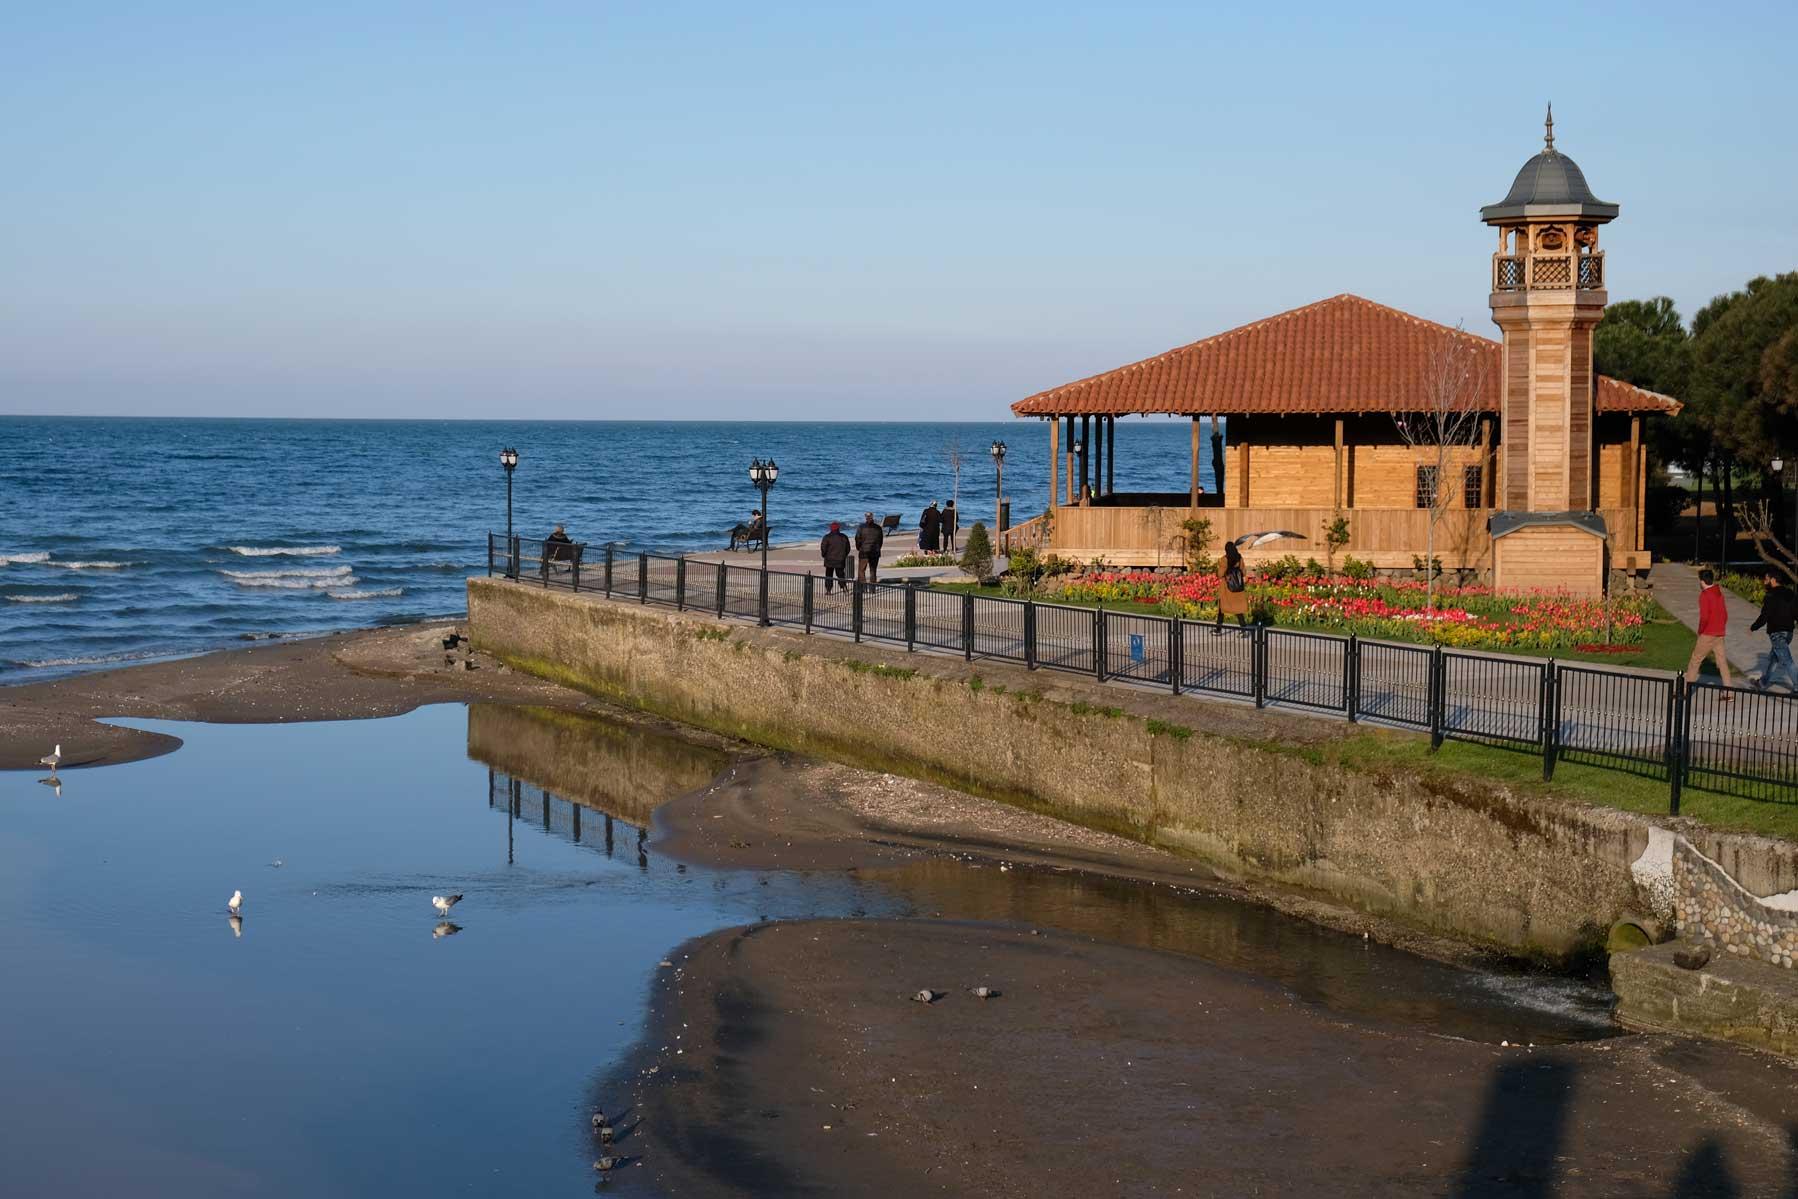 Eine schöne kleine Holz-Moschee direkt am Meer